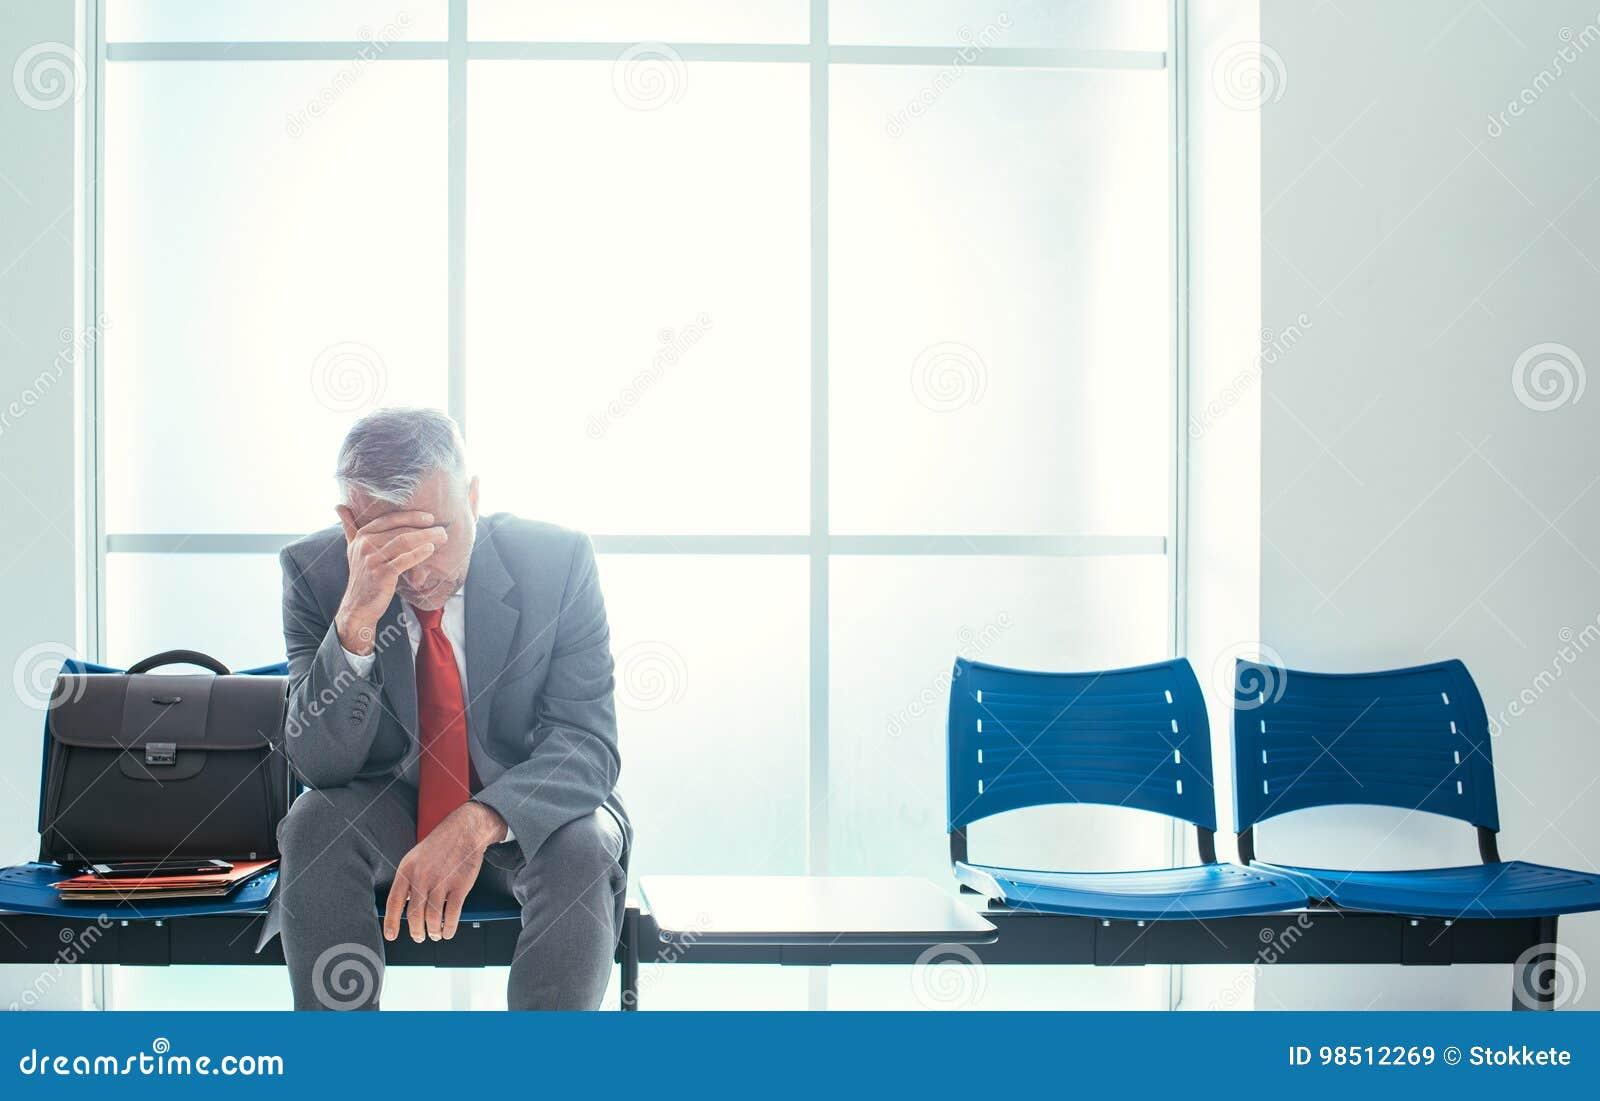 Hombre de negocios deprimido en la sala de espera